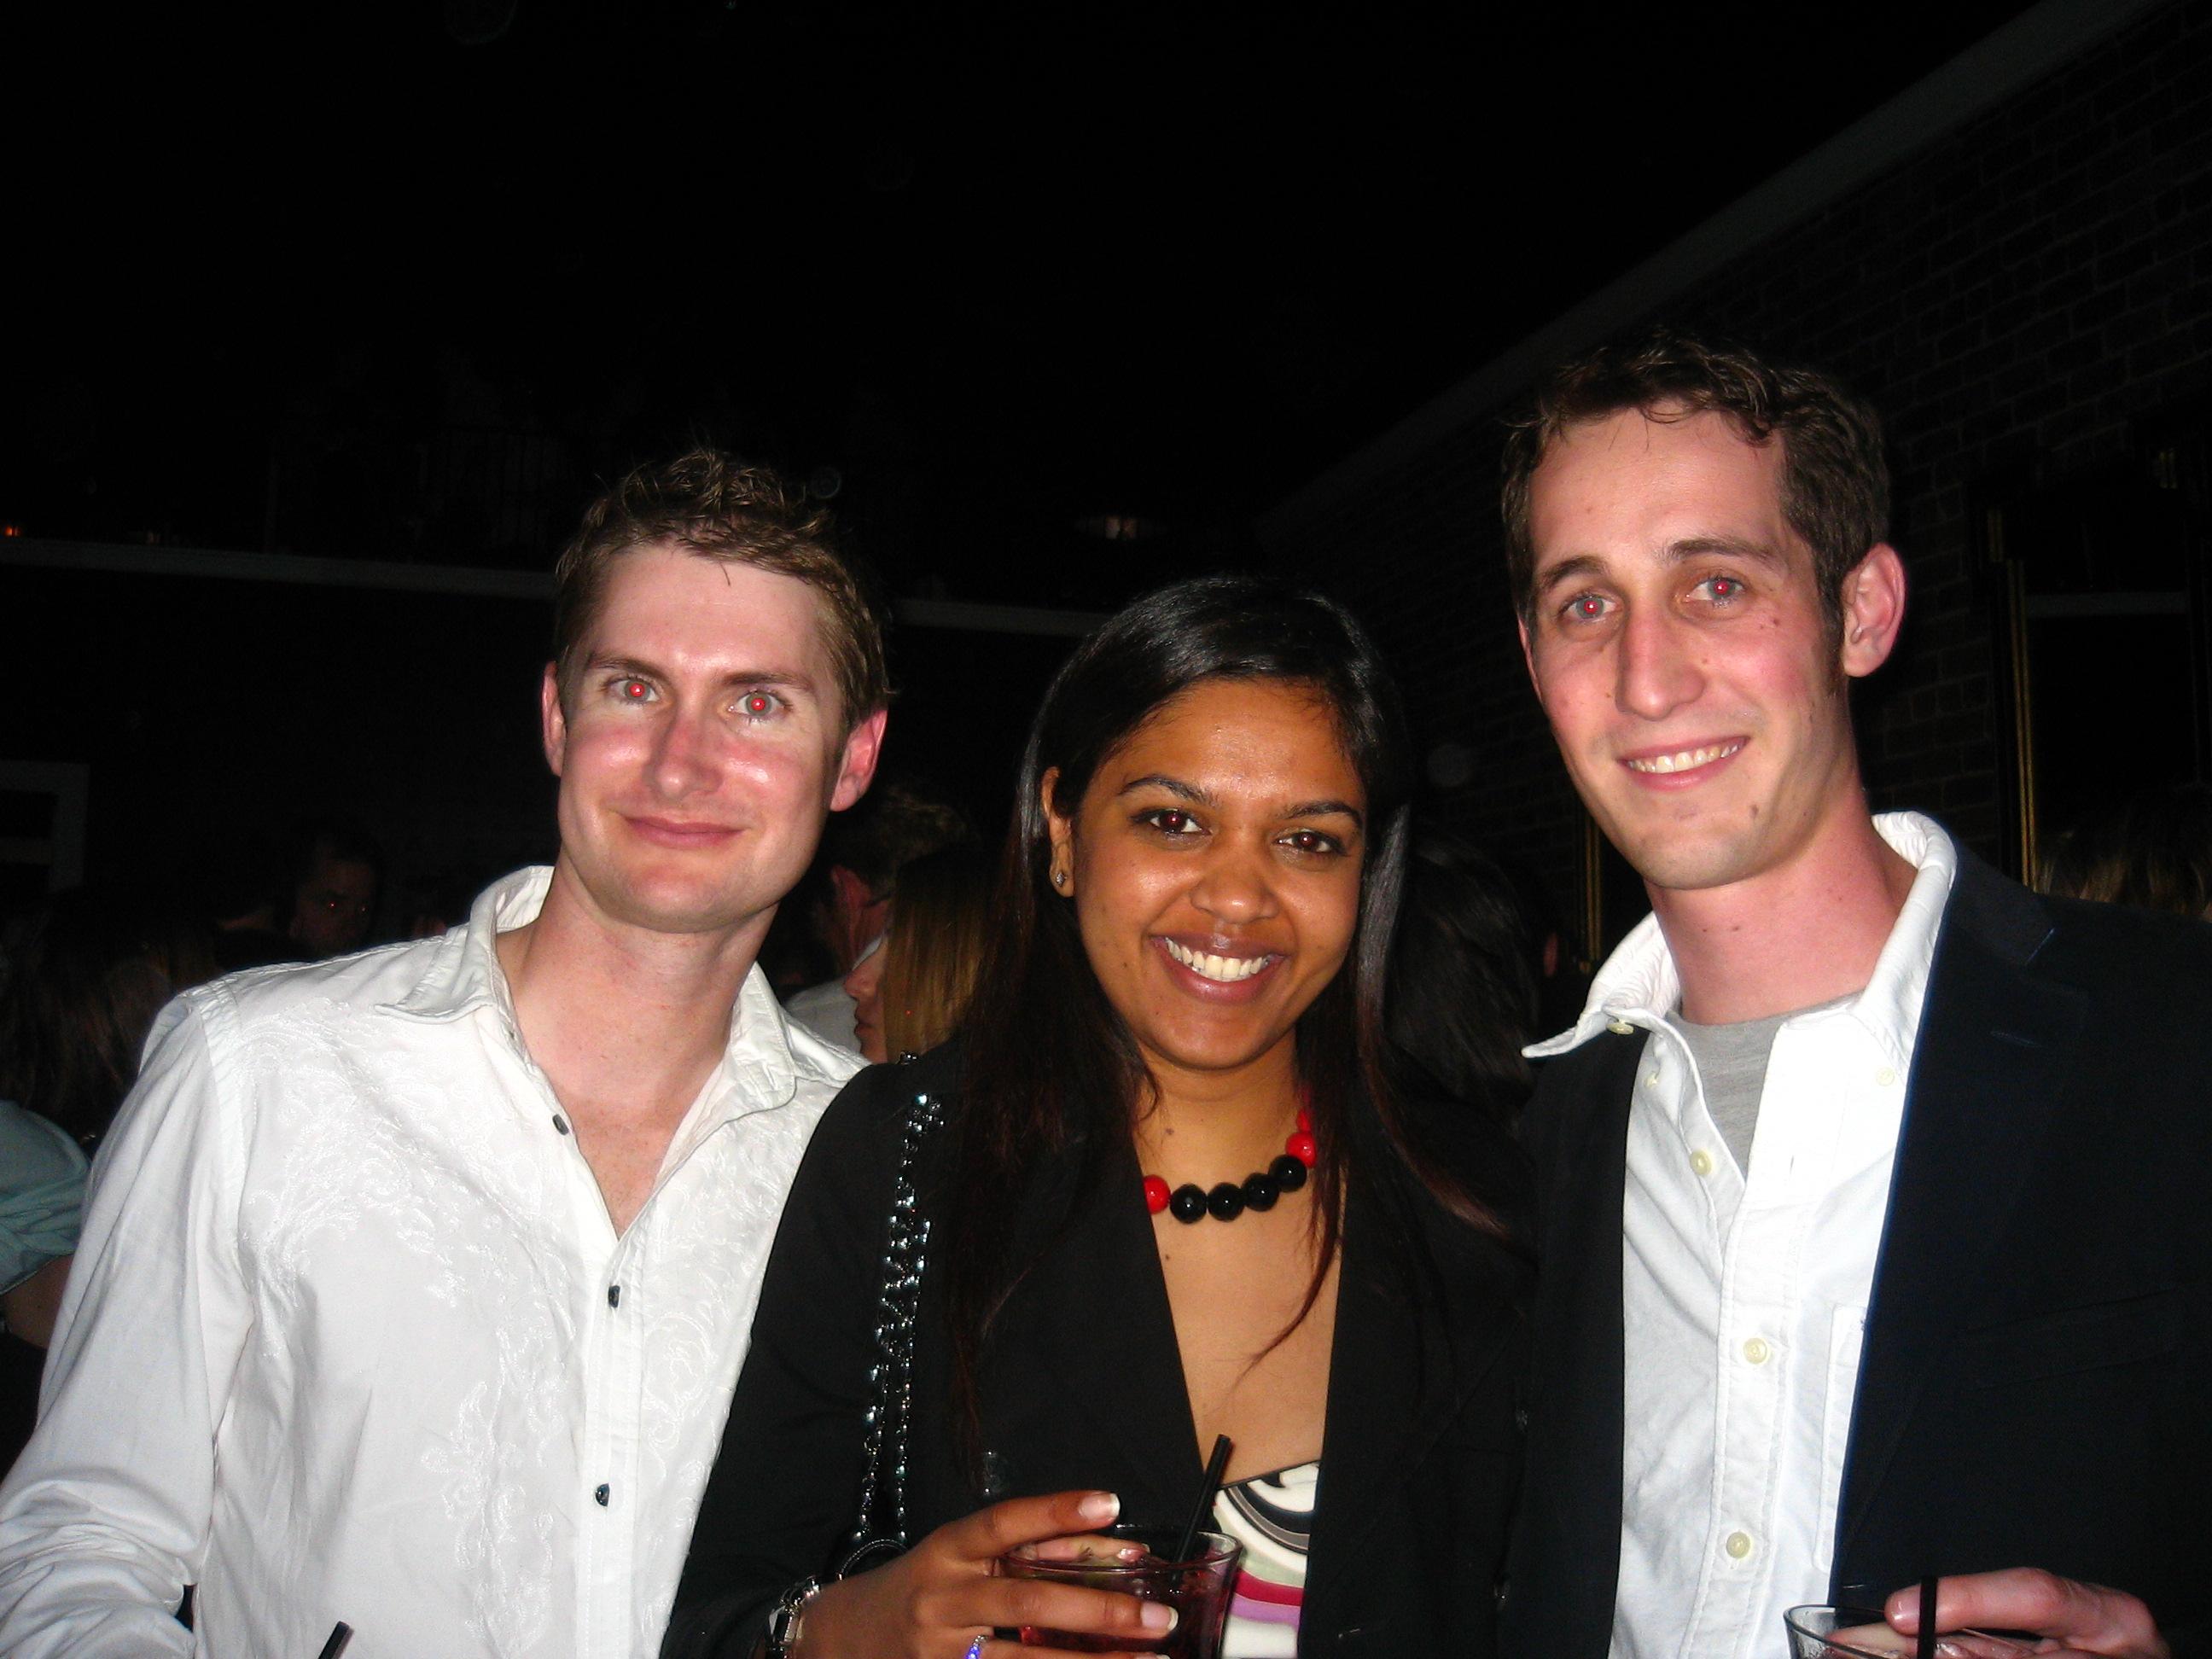 Paul, Krish and Me